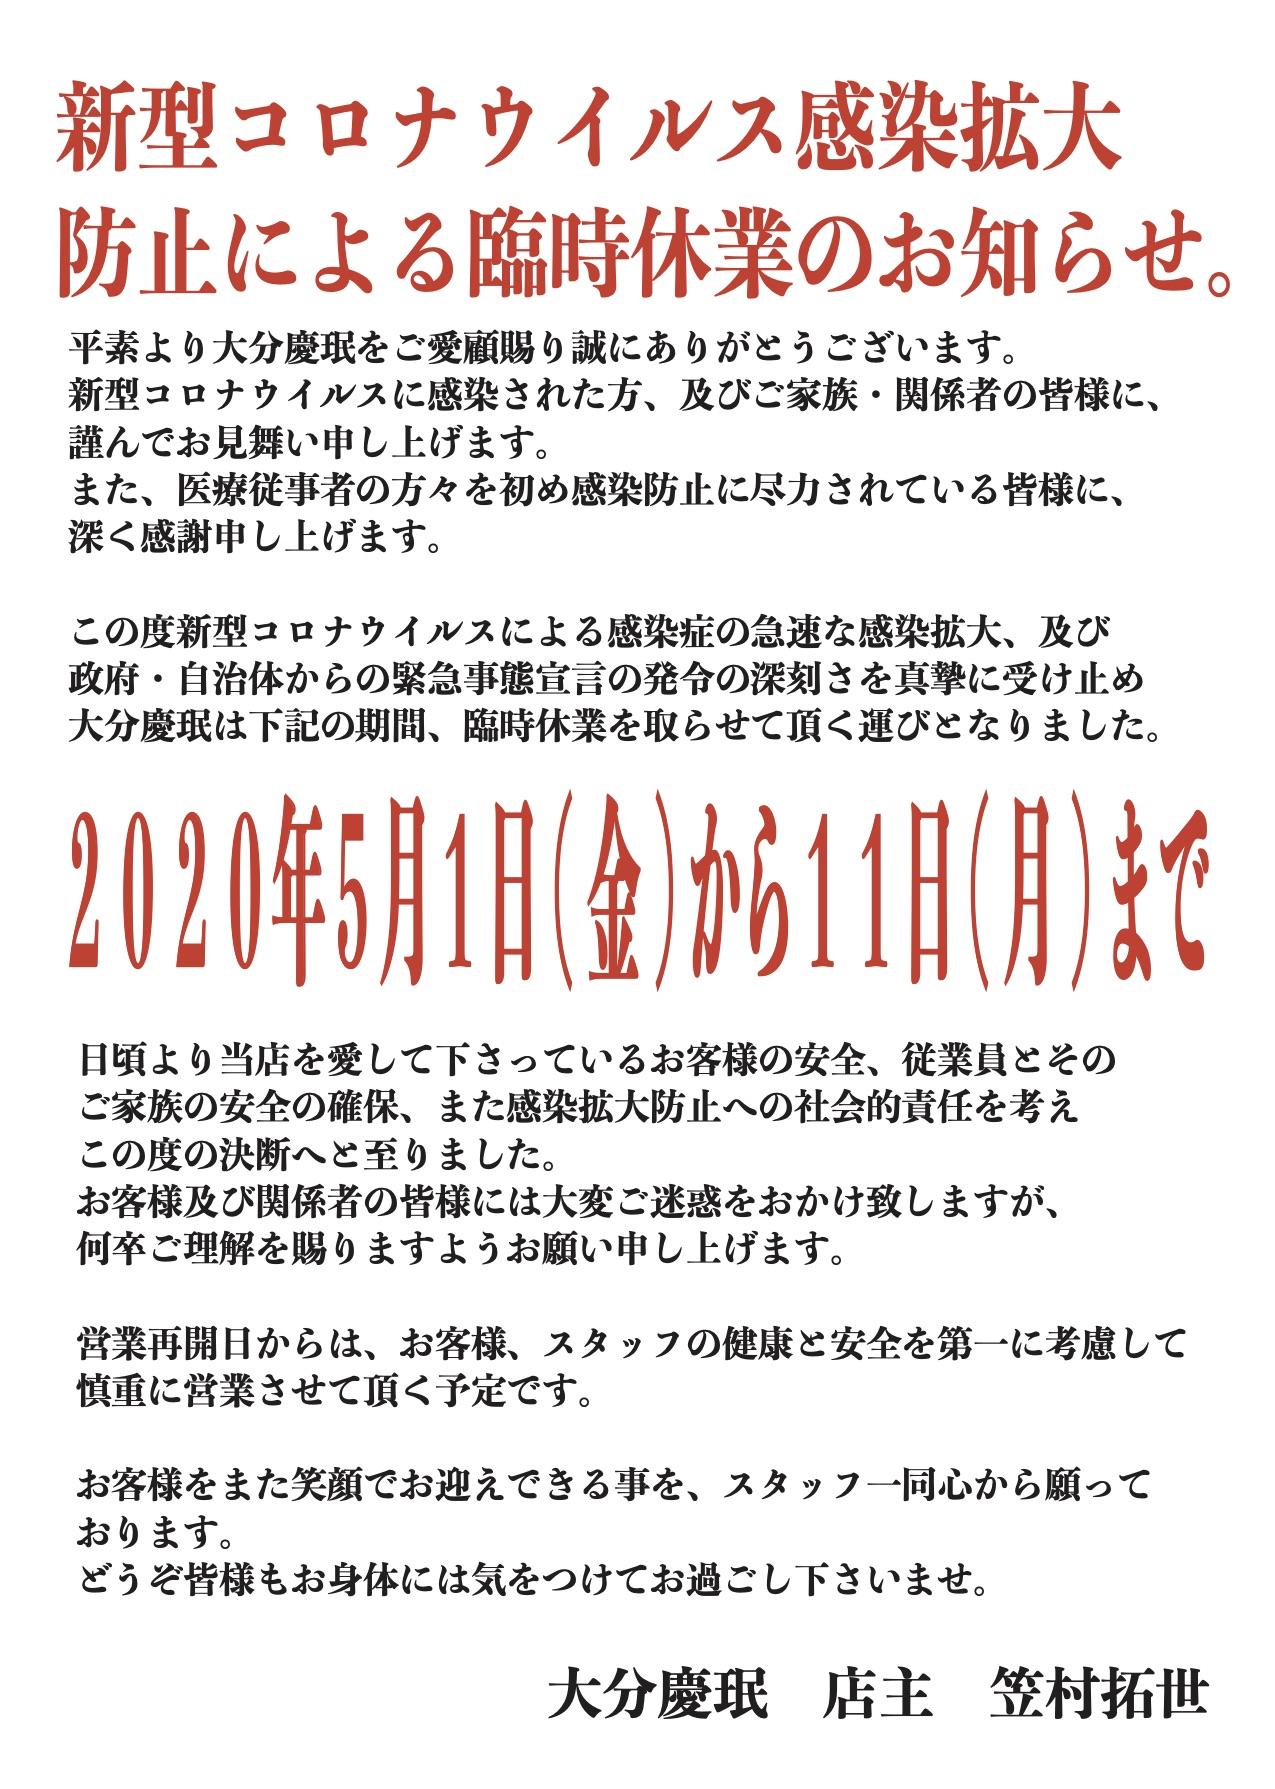 お知らせ 慶珉40周年記念祭!!